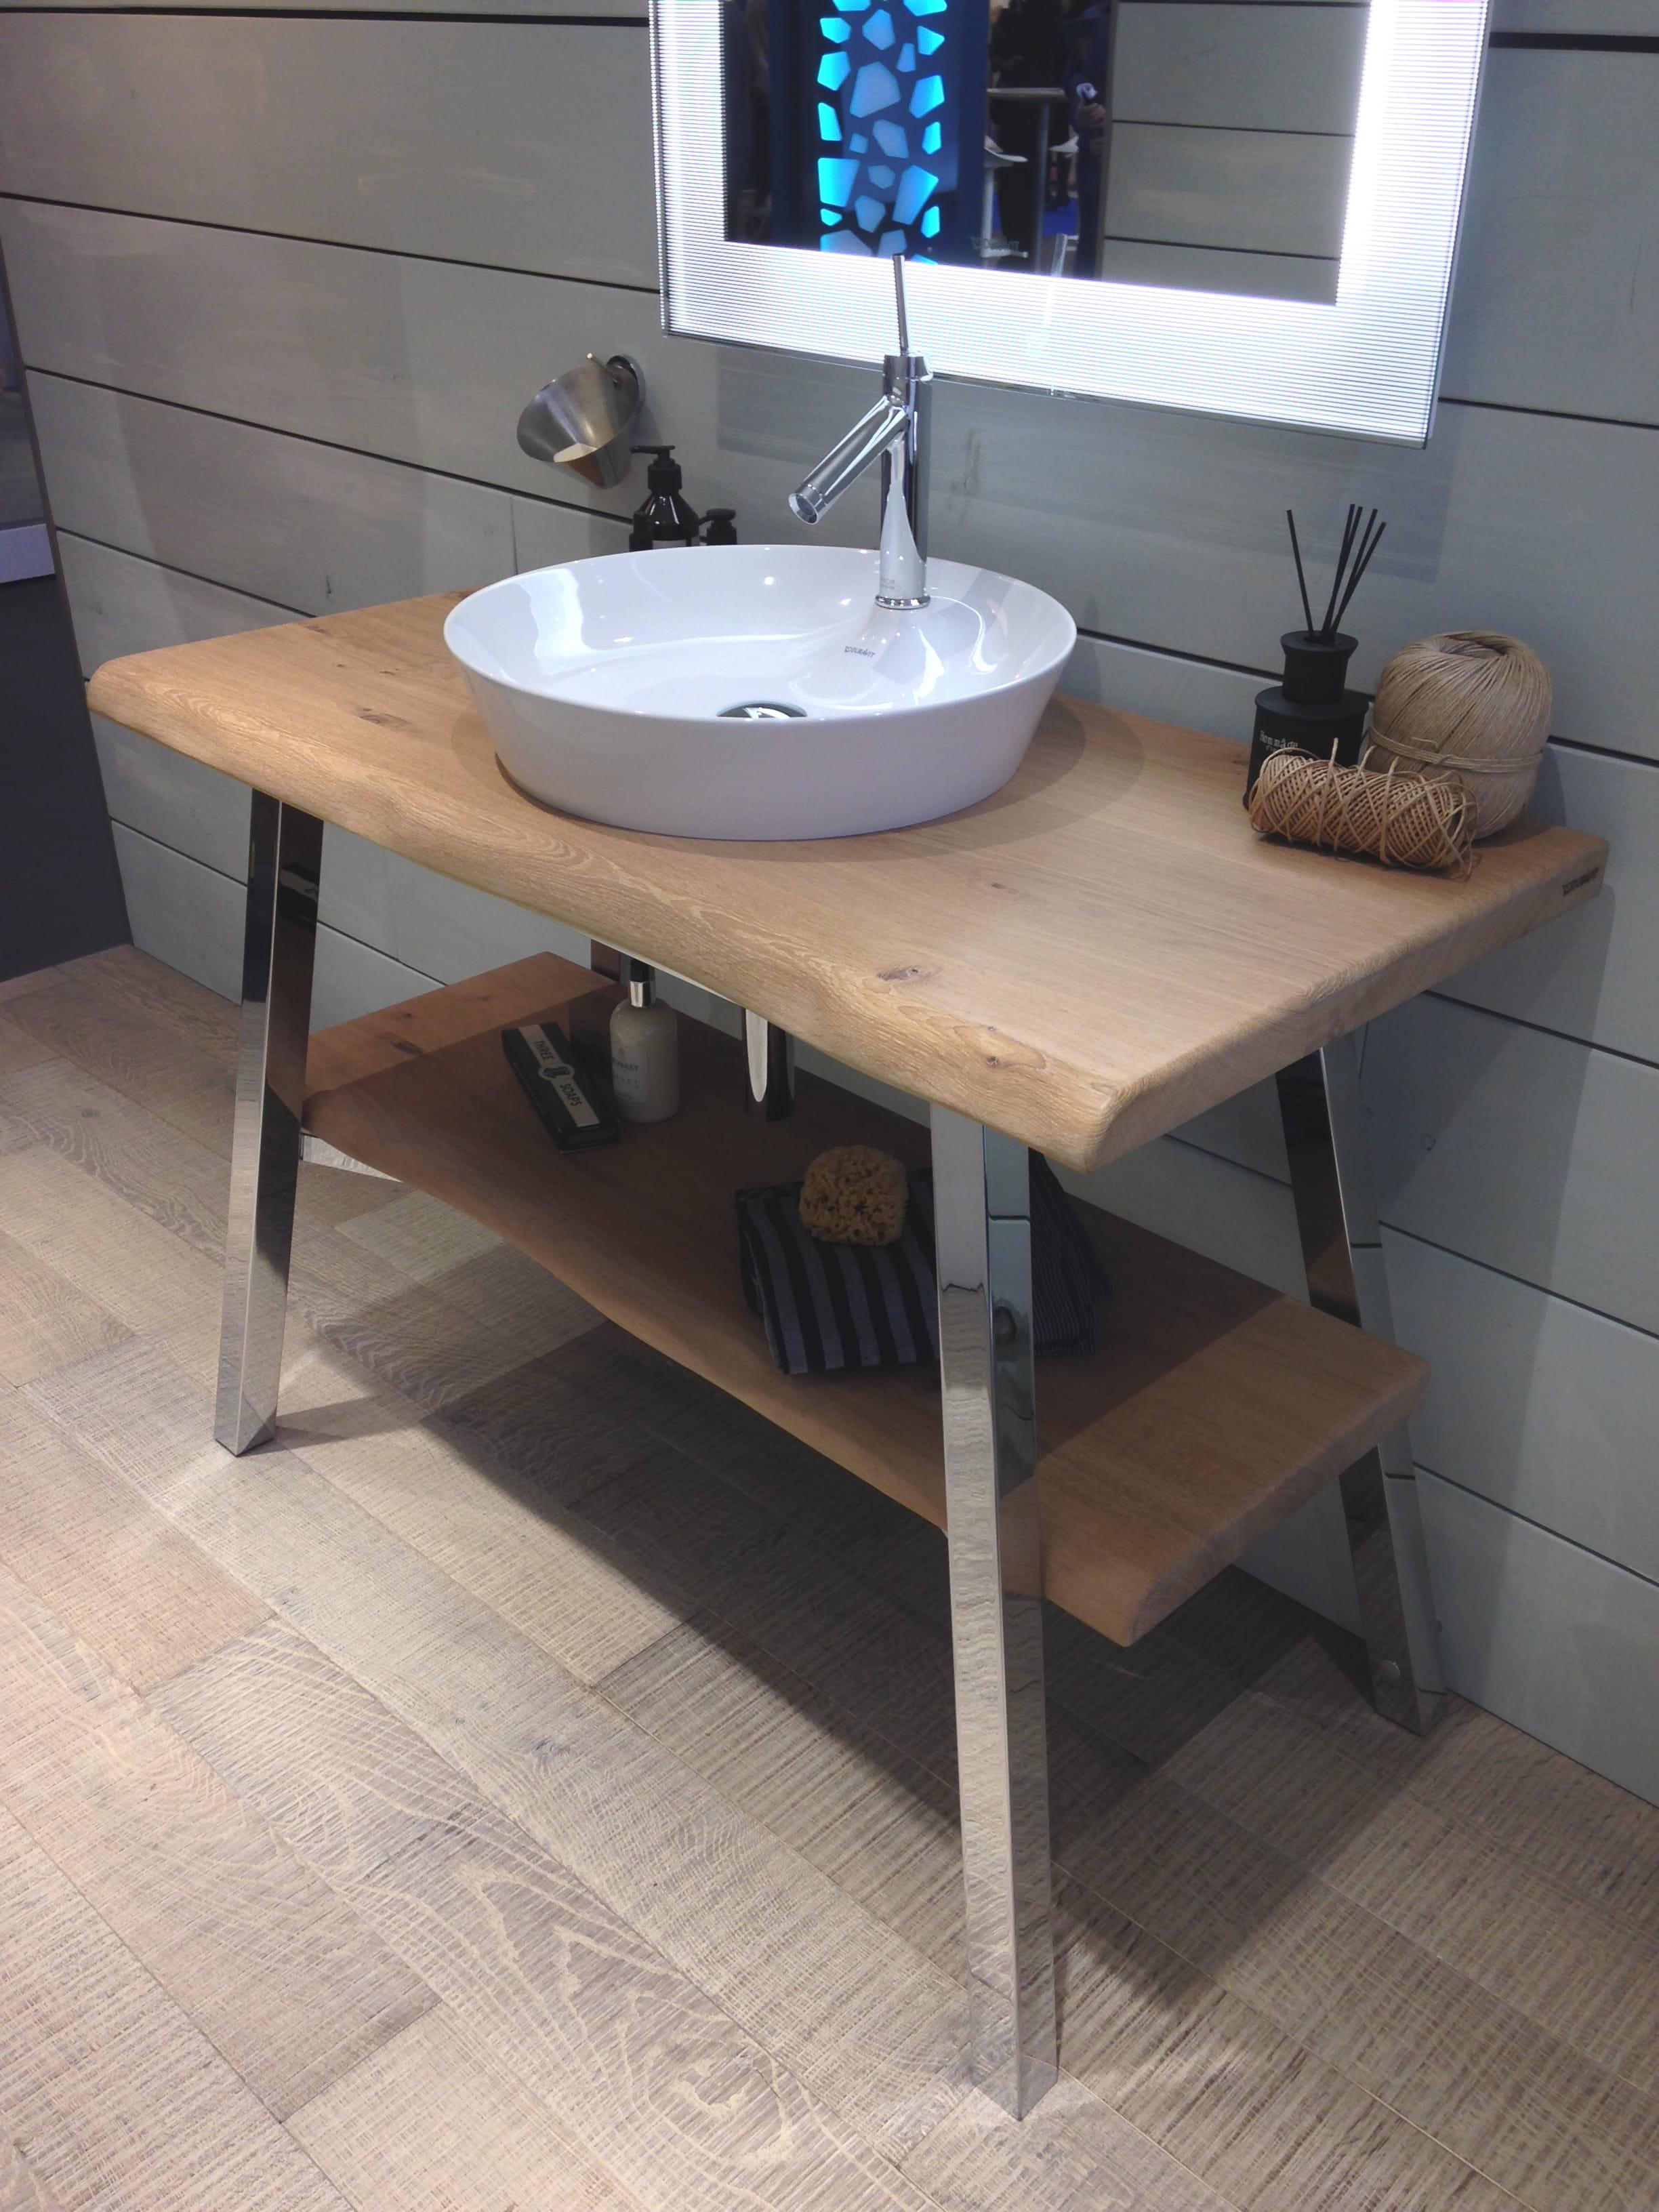 meuble vasque nature philippe starck x duravit salon id obain plong e au c ur des nouveaut s. Black Bedroom Furniture Sets. Home Design Ideas